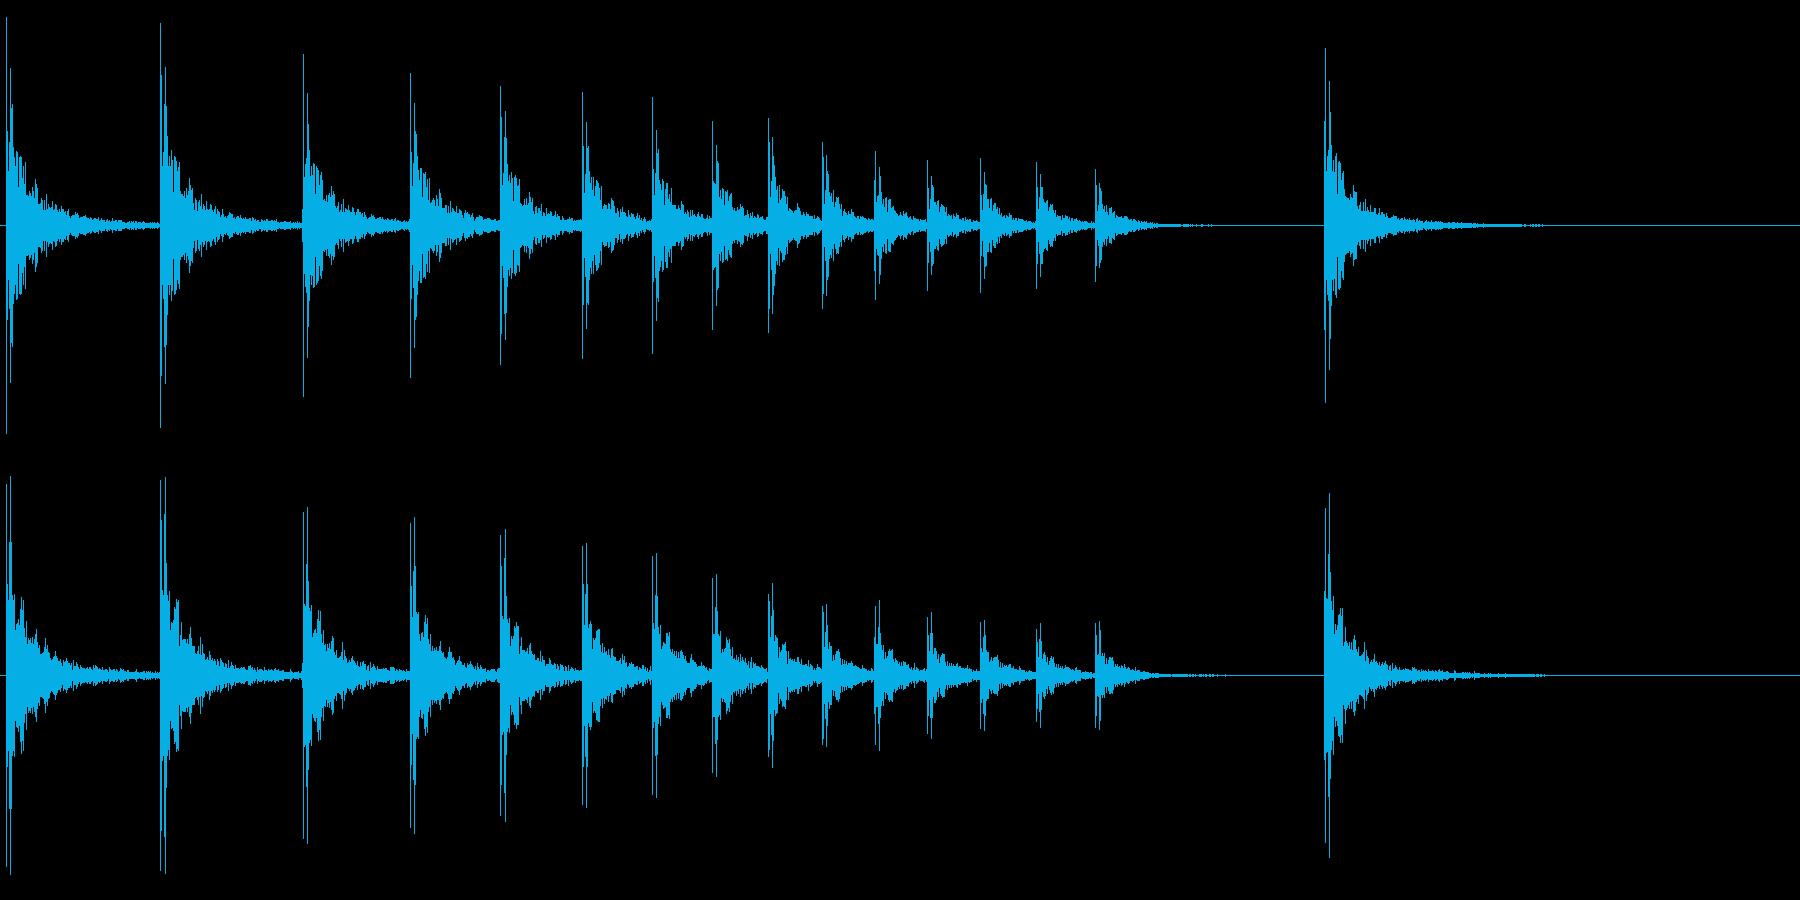 SE 柝(拍子木・きざみ)-1の再生済みの波形